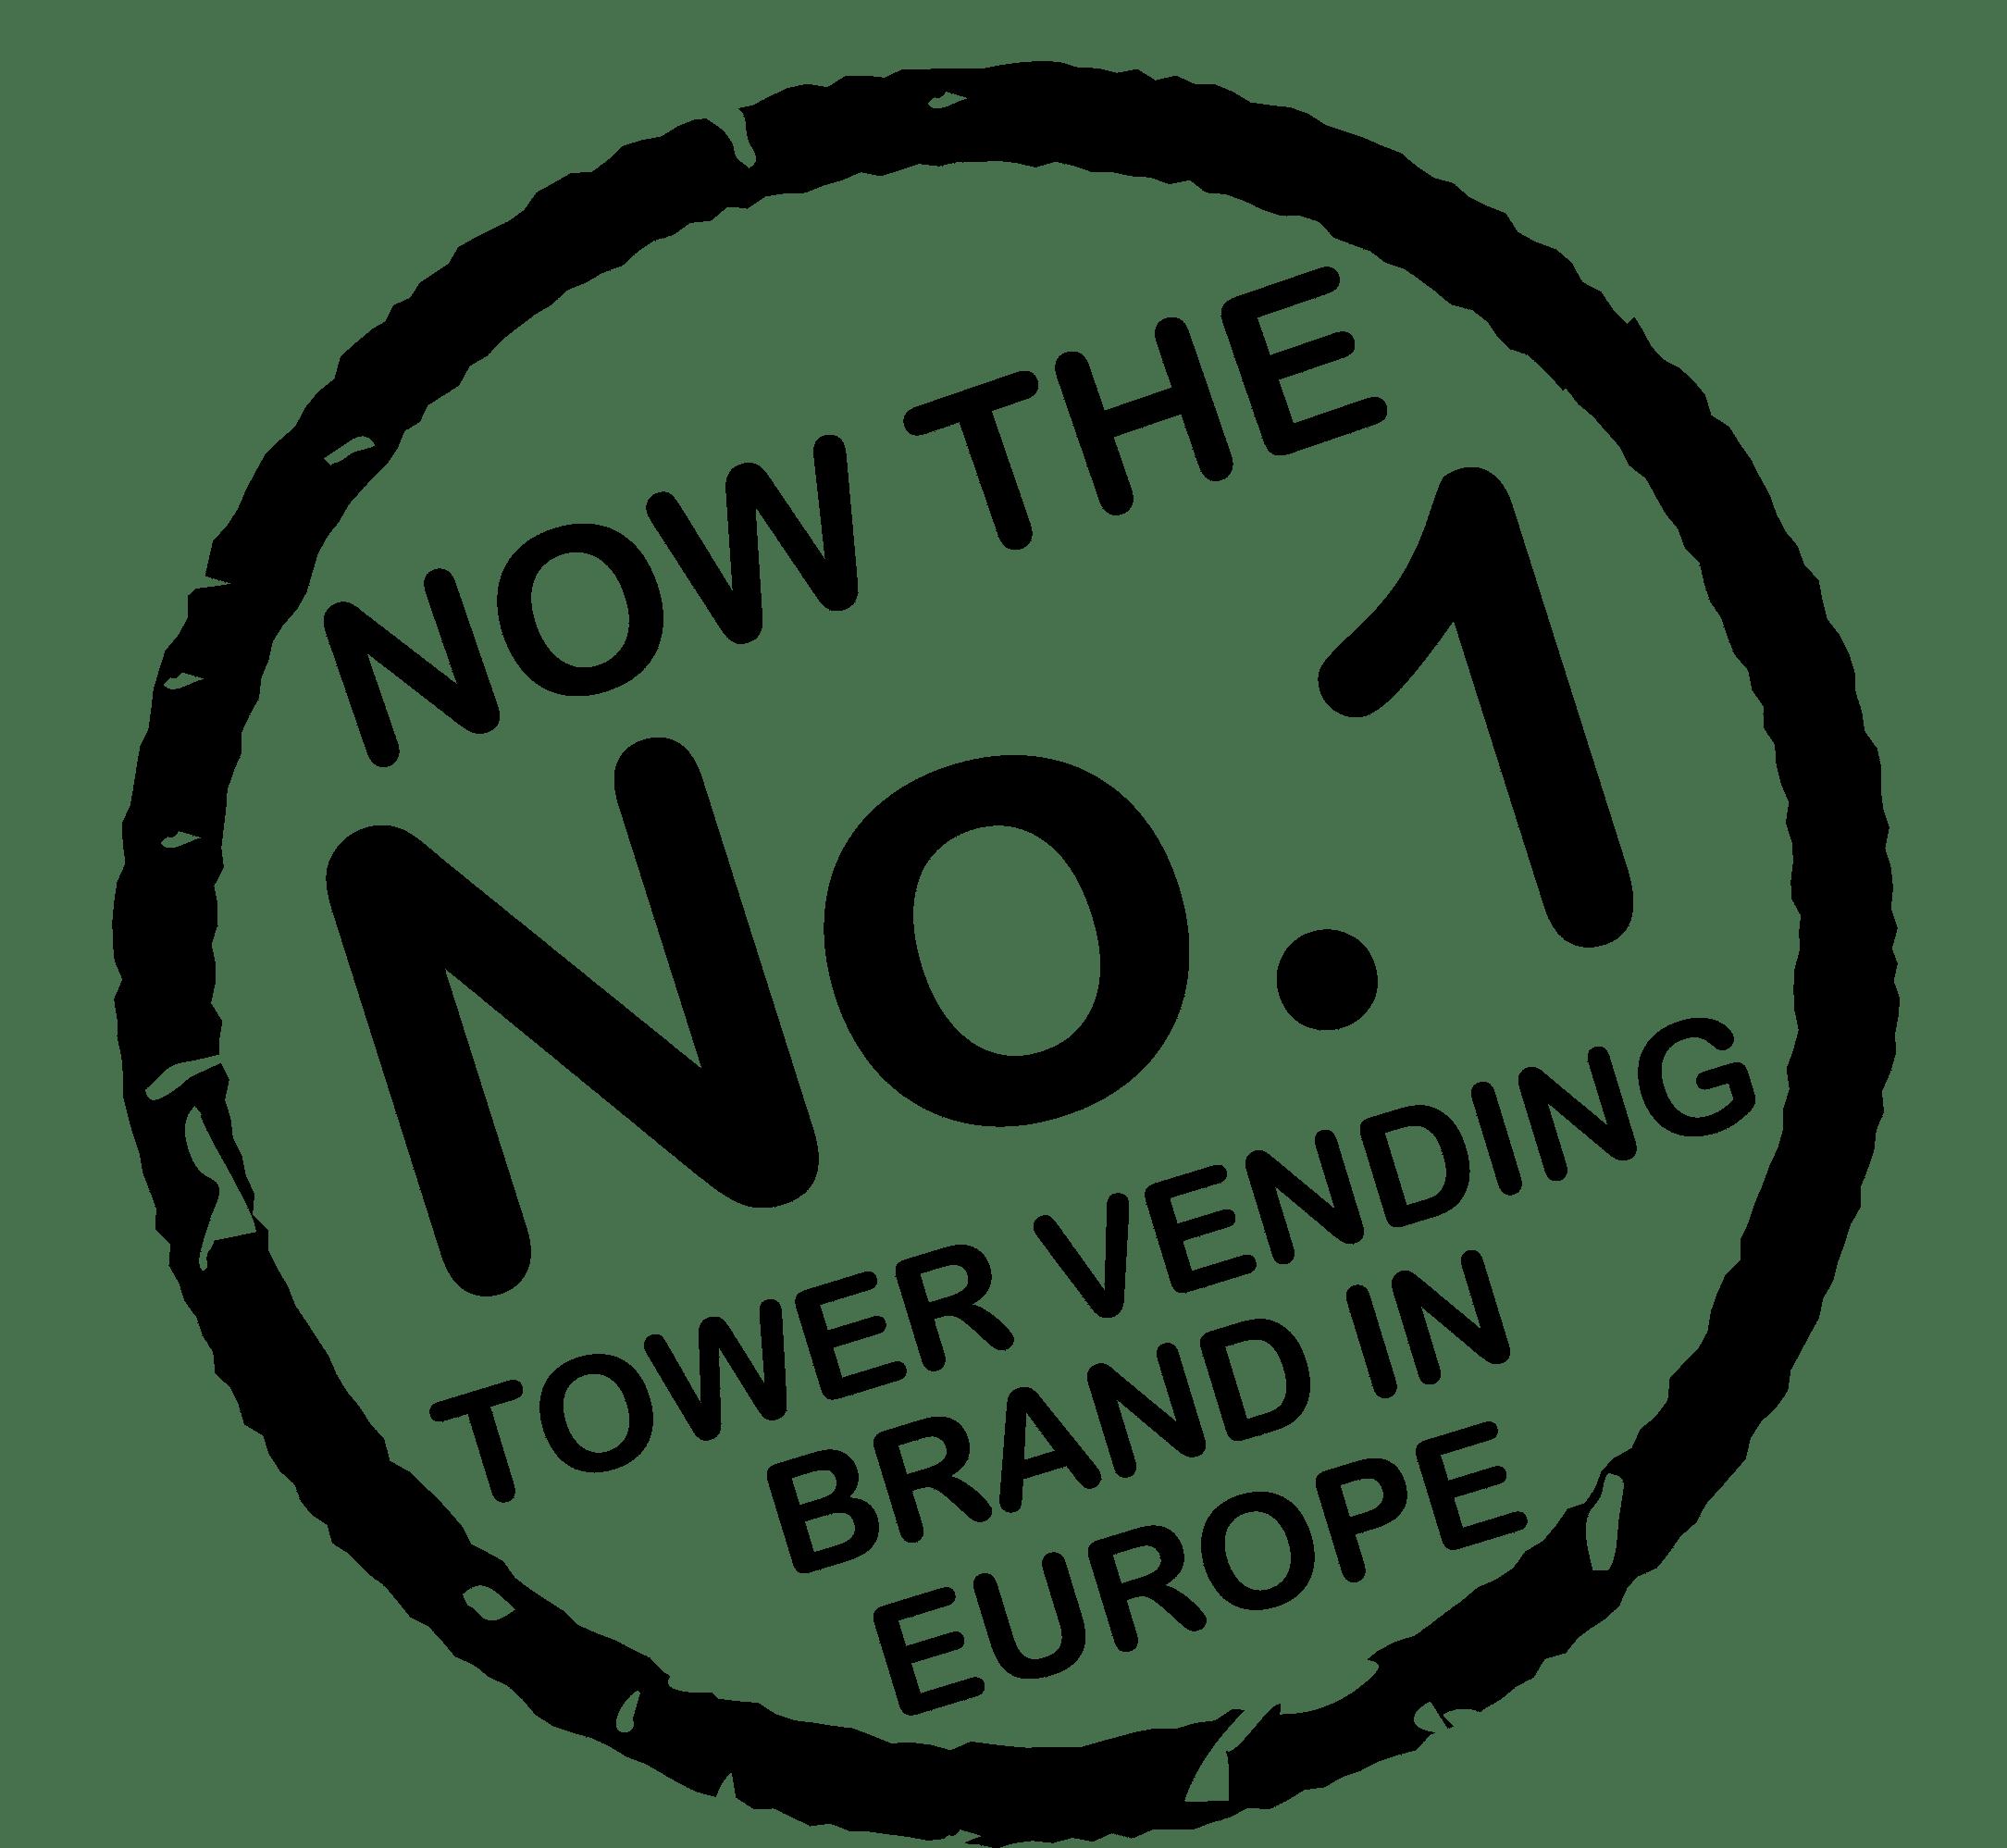 Tubz Europe vending sector nummer één uit Valkenswaard